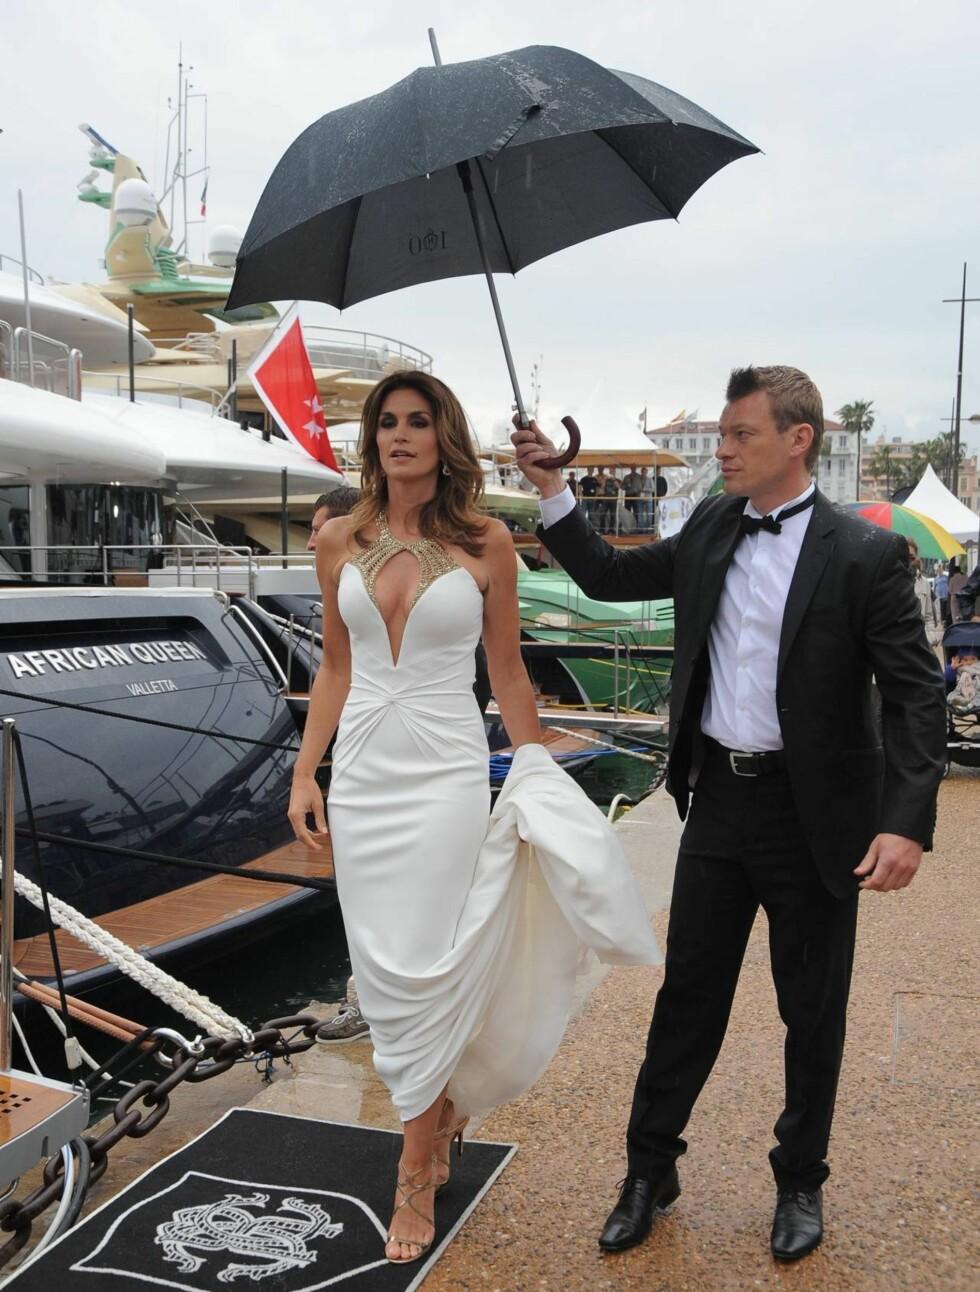 VÅT: Cindy Crawford koste seg på båten til Roberto Cavalli før åpningsfesten, men det så ikke ut til at hun satte spesielt stor pris på regnet som høljet ned. Heldigvis hadde hun en paraplybærer med seg... Foto: All Over Press